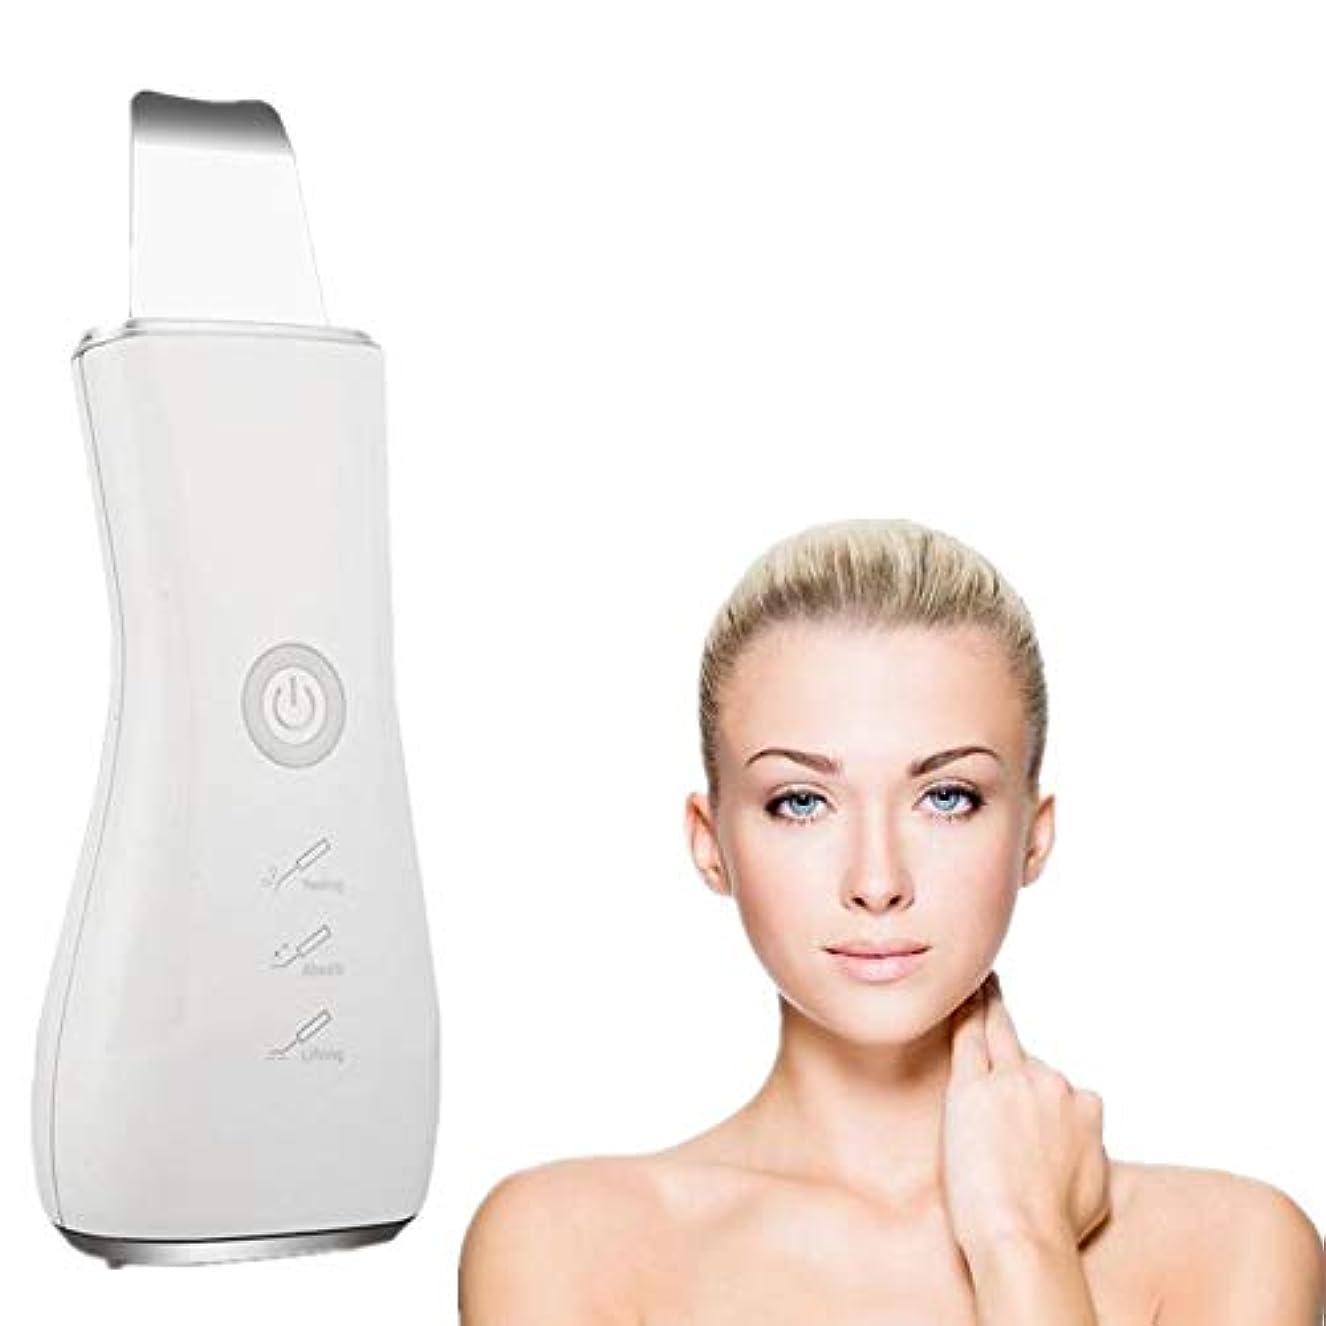 騒ジョグ毎日顔の皮膚スクラバーブラックヘッドリムーバー毛穴充電式スキンスクラバー光子の若返り美容スキンクリーナーEMSクリーニングイオン導入モードUSB充電式美容ツール、シルバー